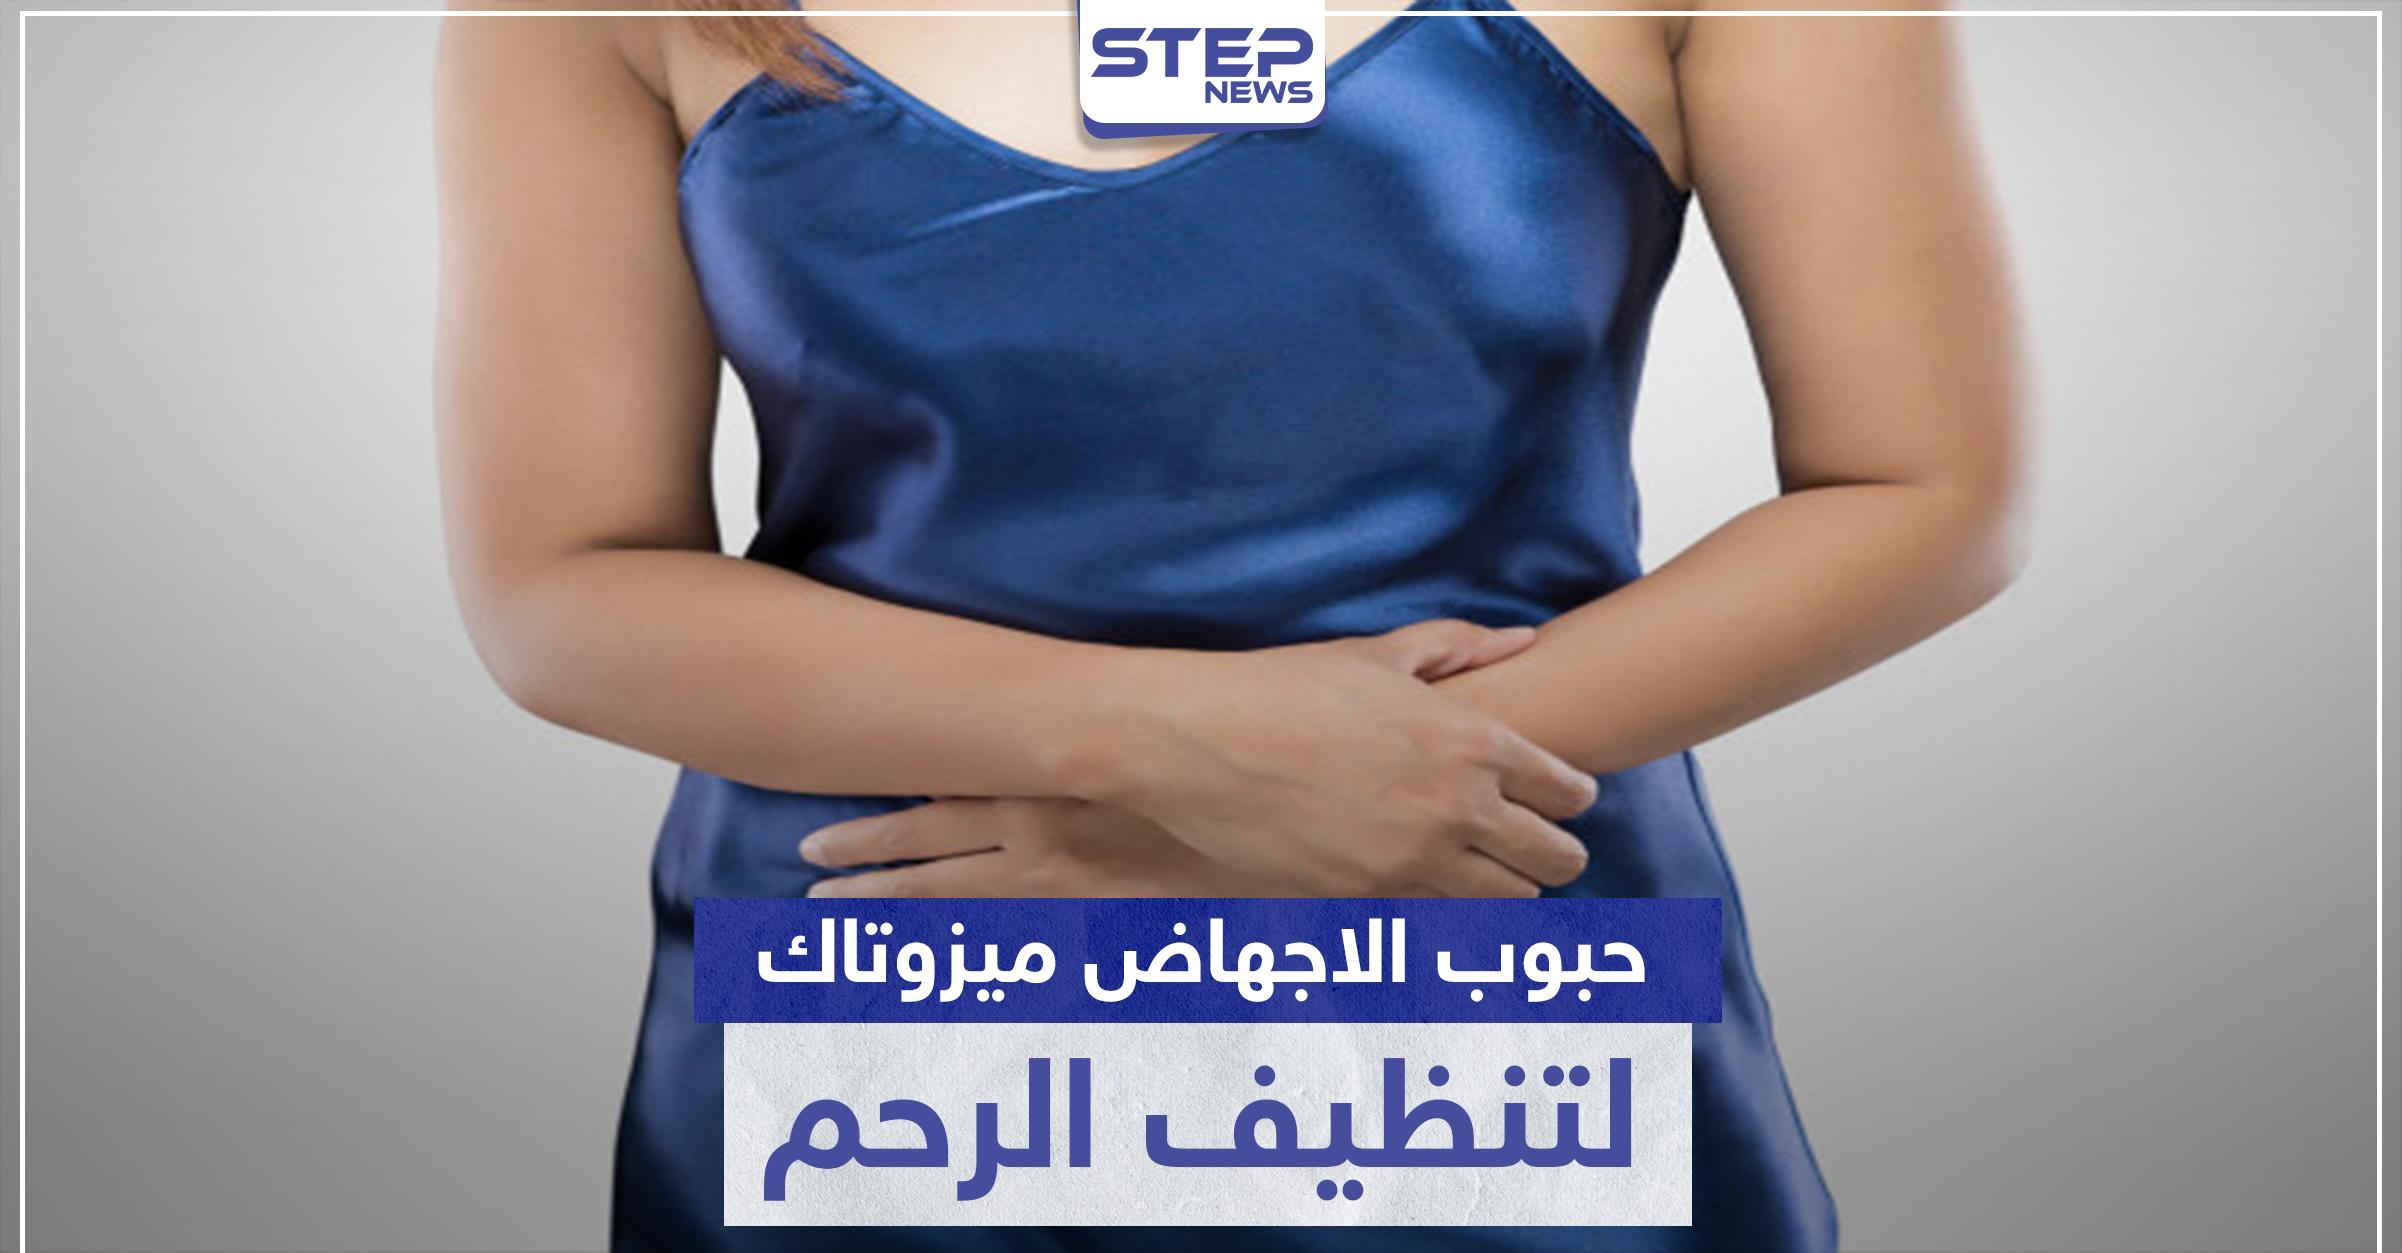 حبوب الاجهاض ميزوتاك لتنظيف الرحم